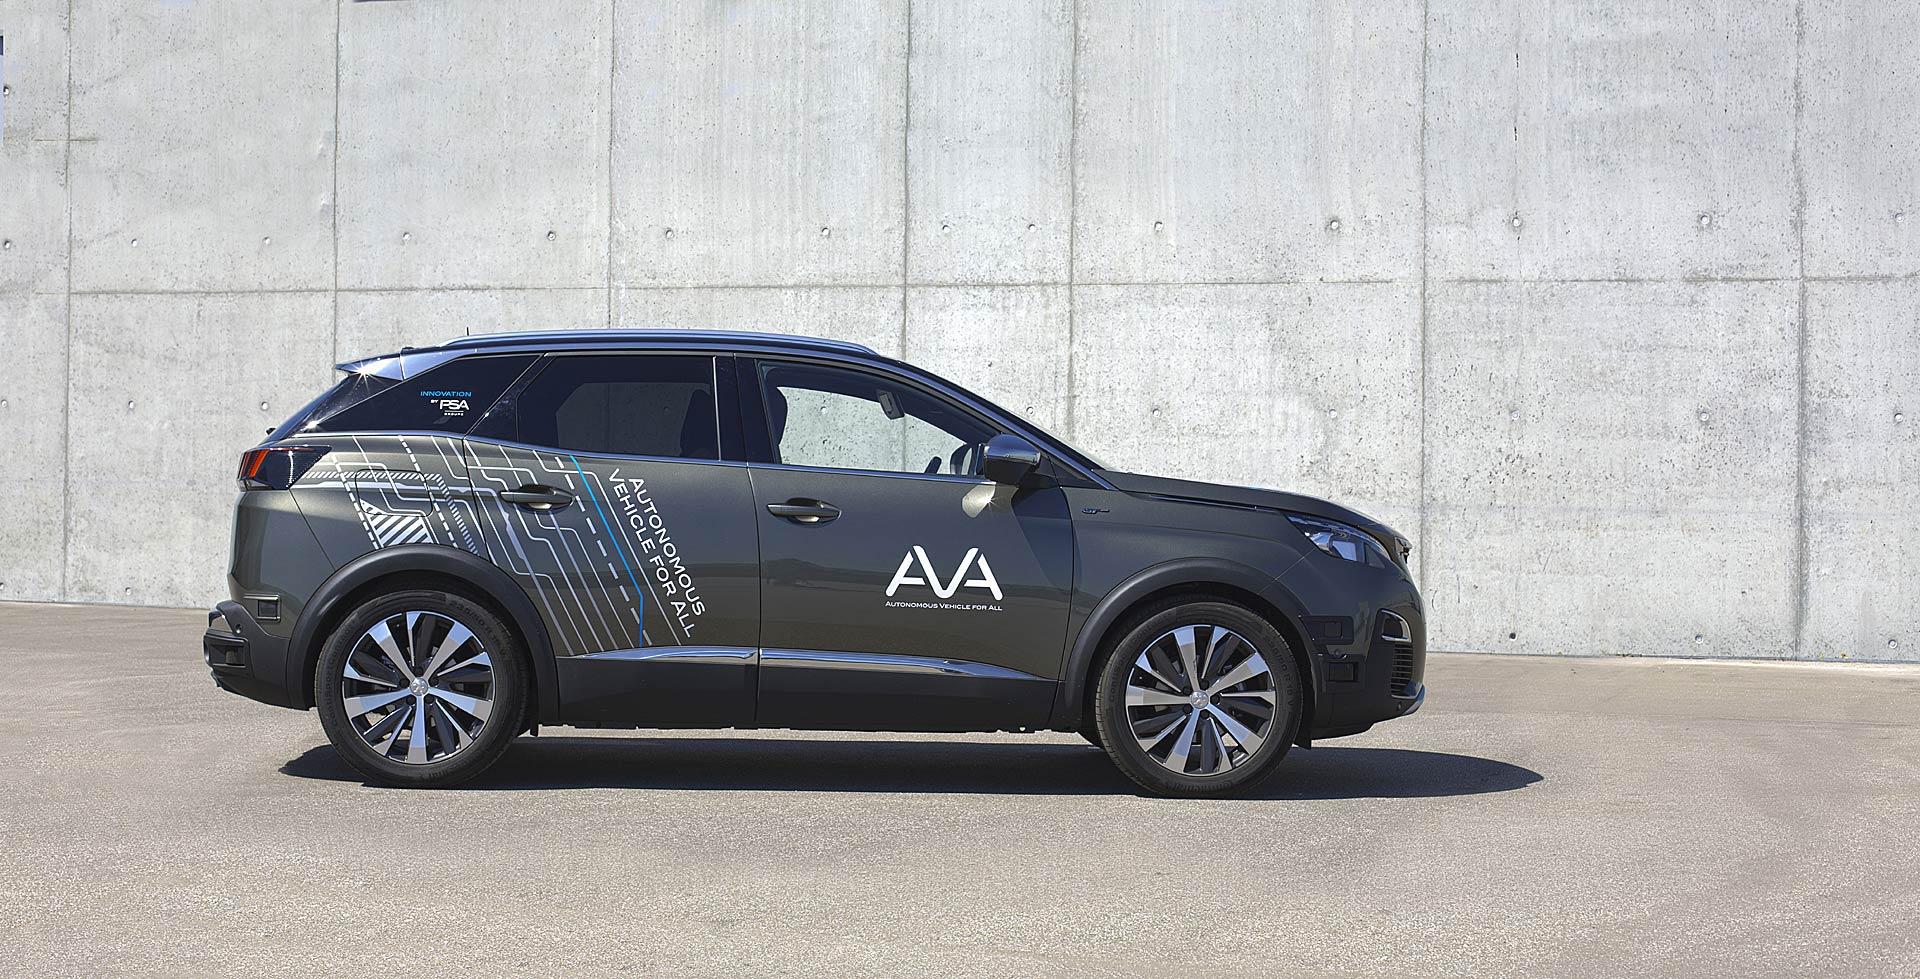 Peugeot 3008 prototipo a guida autonoma che fa parte del programma AVA del gruppo PSA